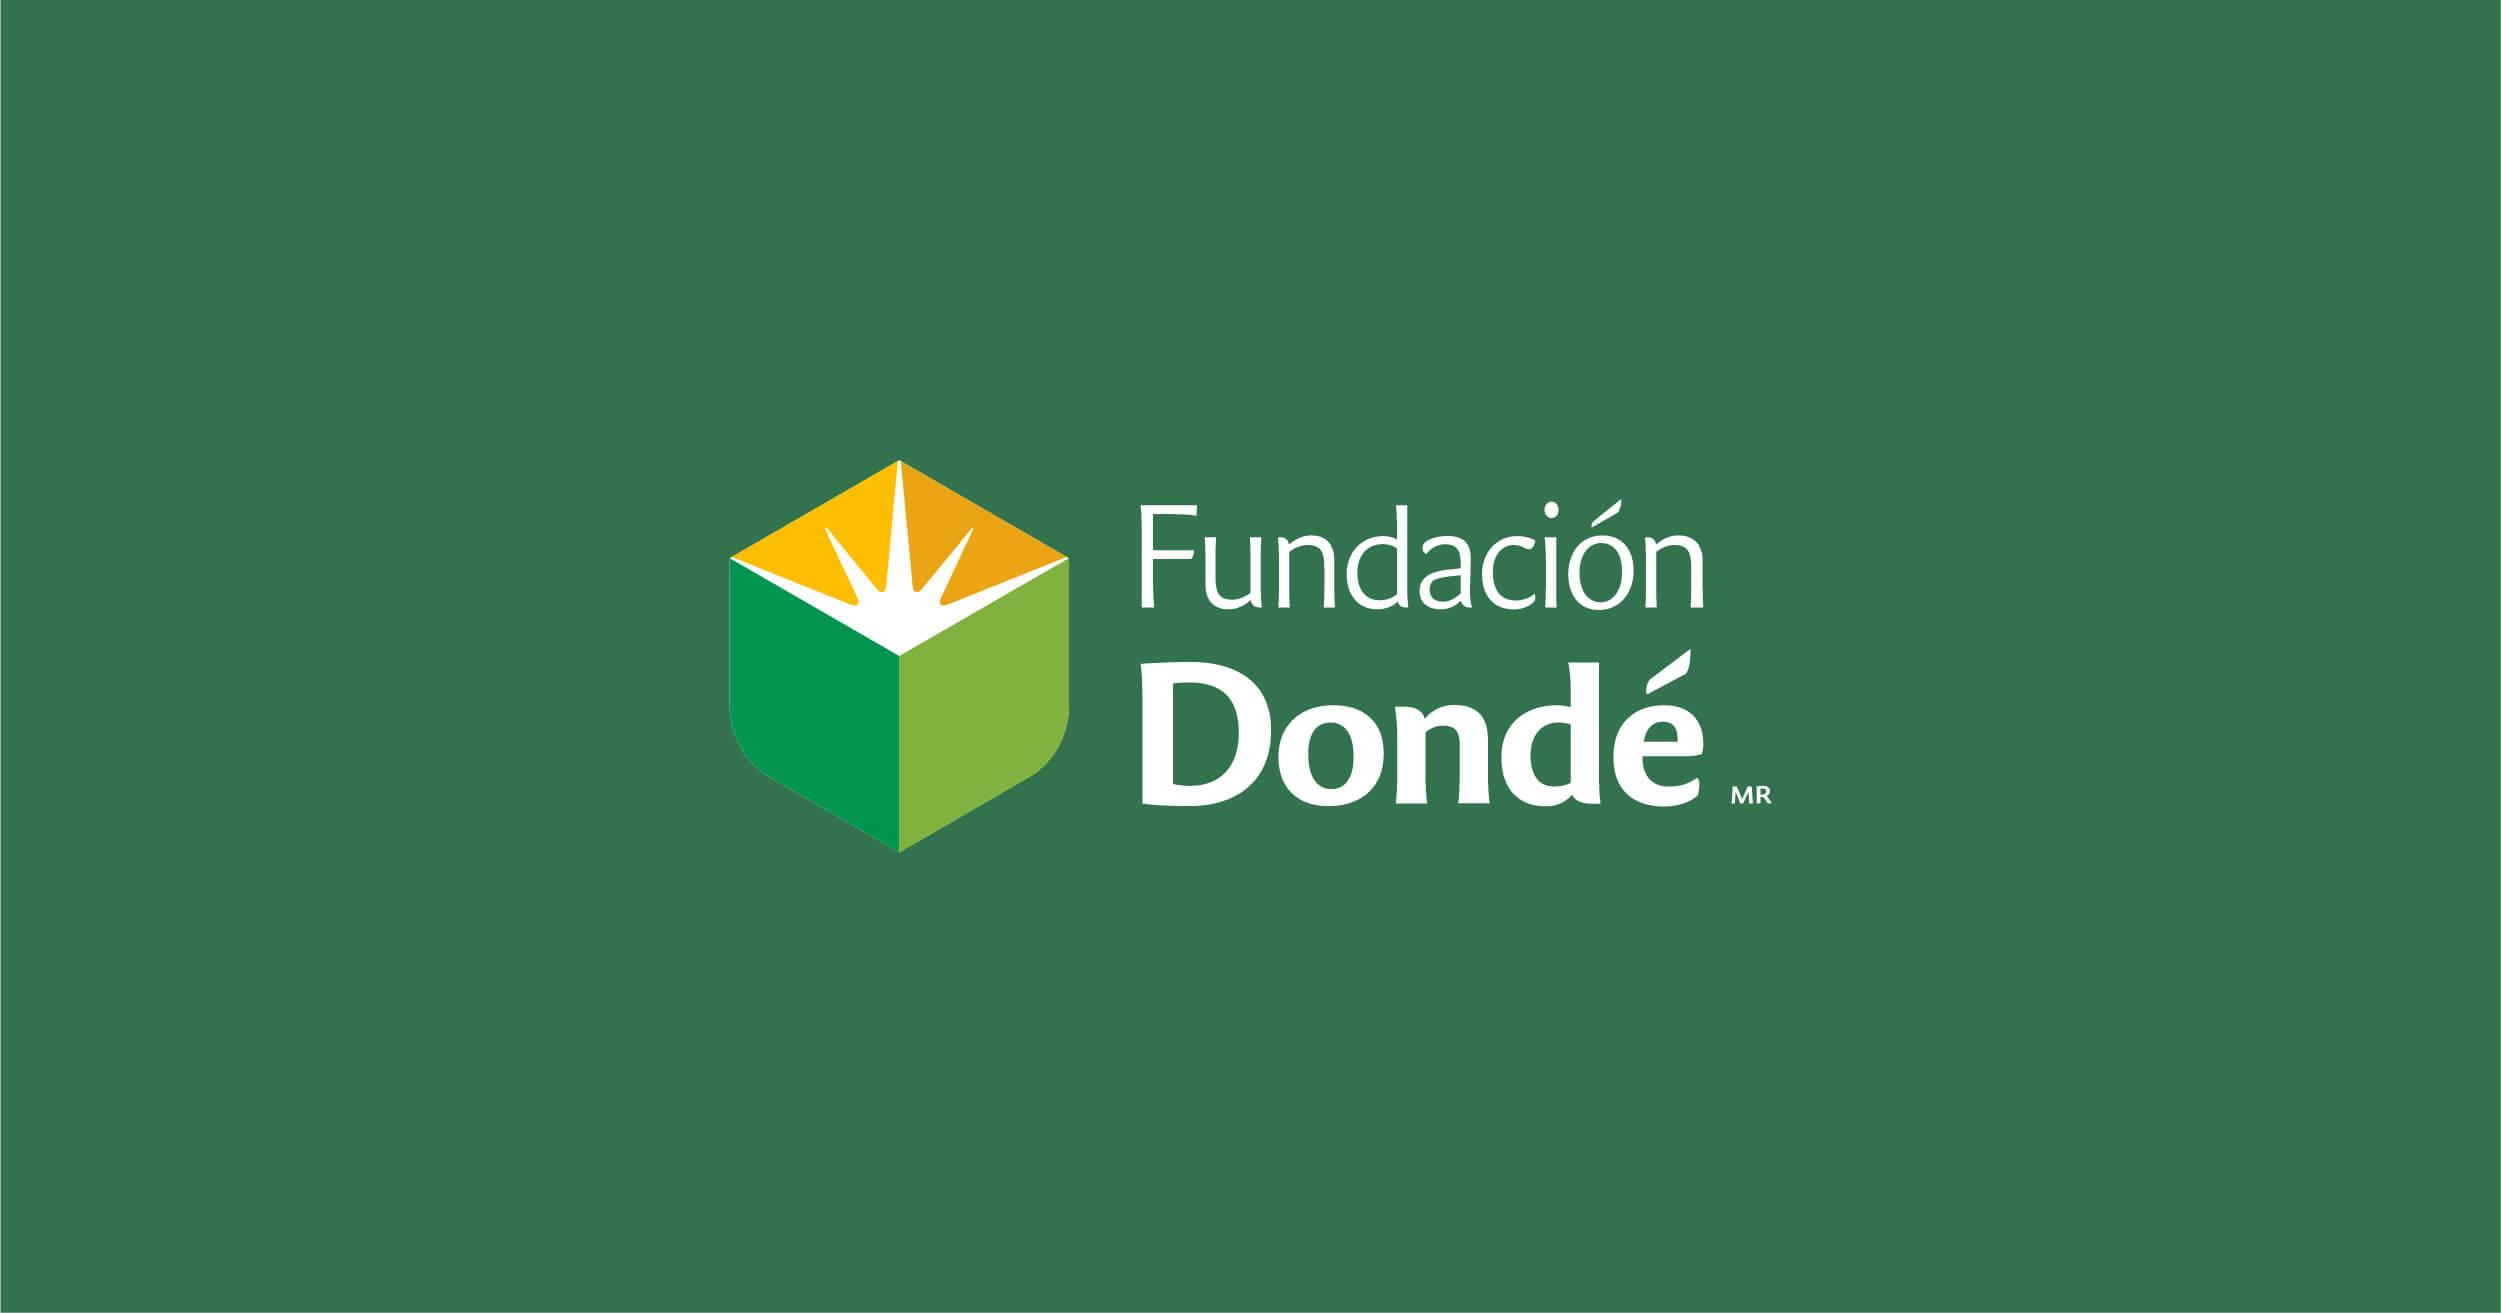 FullFrame-Photomkt-Portafolio-Cover-Fundación-Dondé